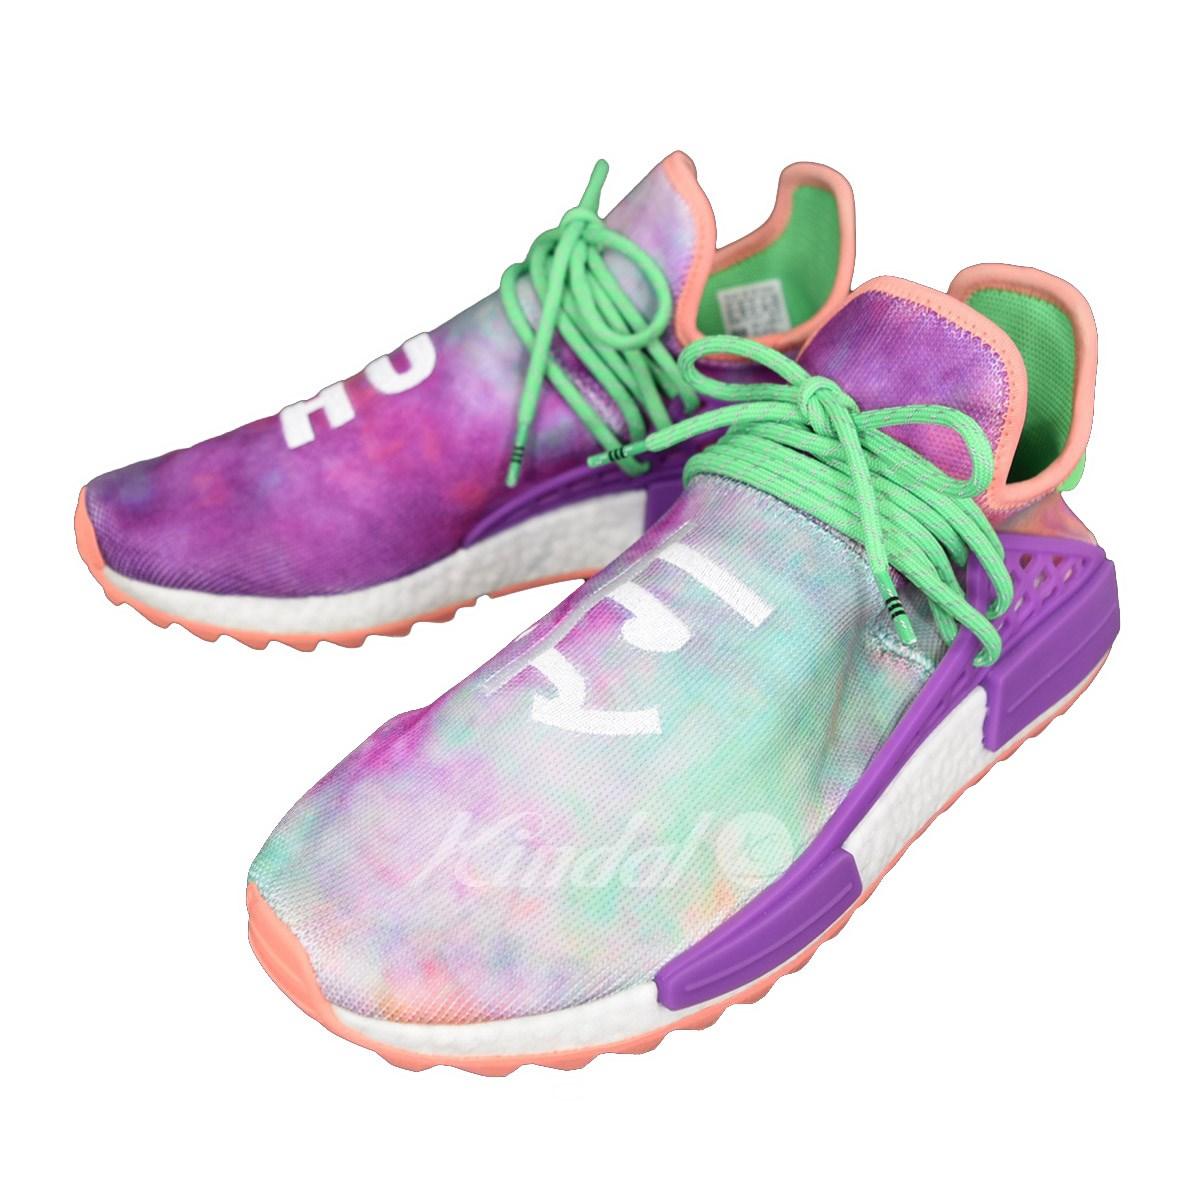 【中古】adidas Originals Pharrell Williams PW HU HOLI NMD MC トレイルホーリーヒューマンレース AC7034 パープル サイズ:US 10 1/2 【送料無料】 【270219】(アディダスオリジナルス ファレルウィリアムス)